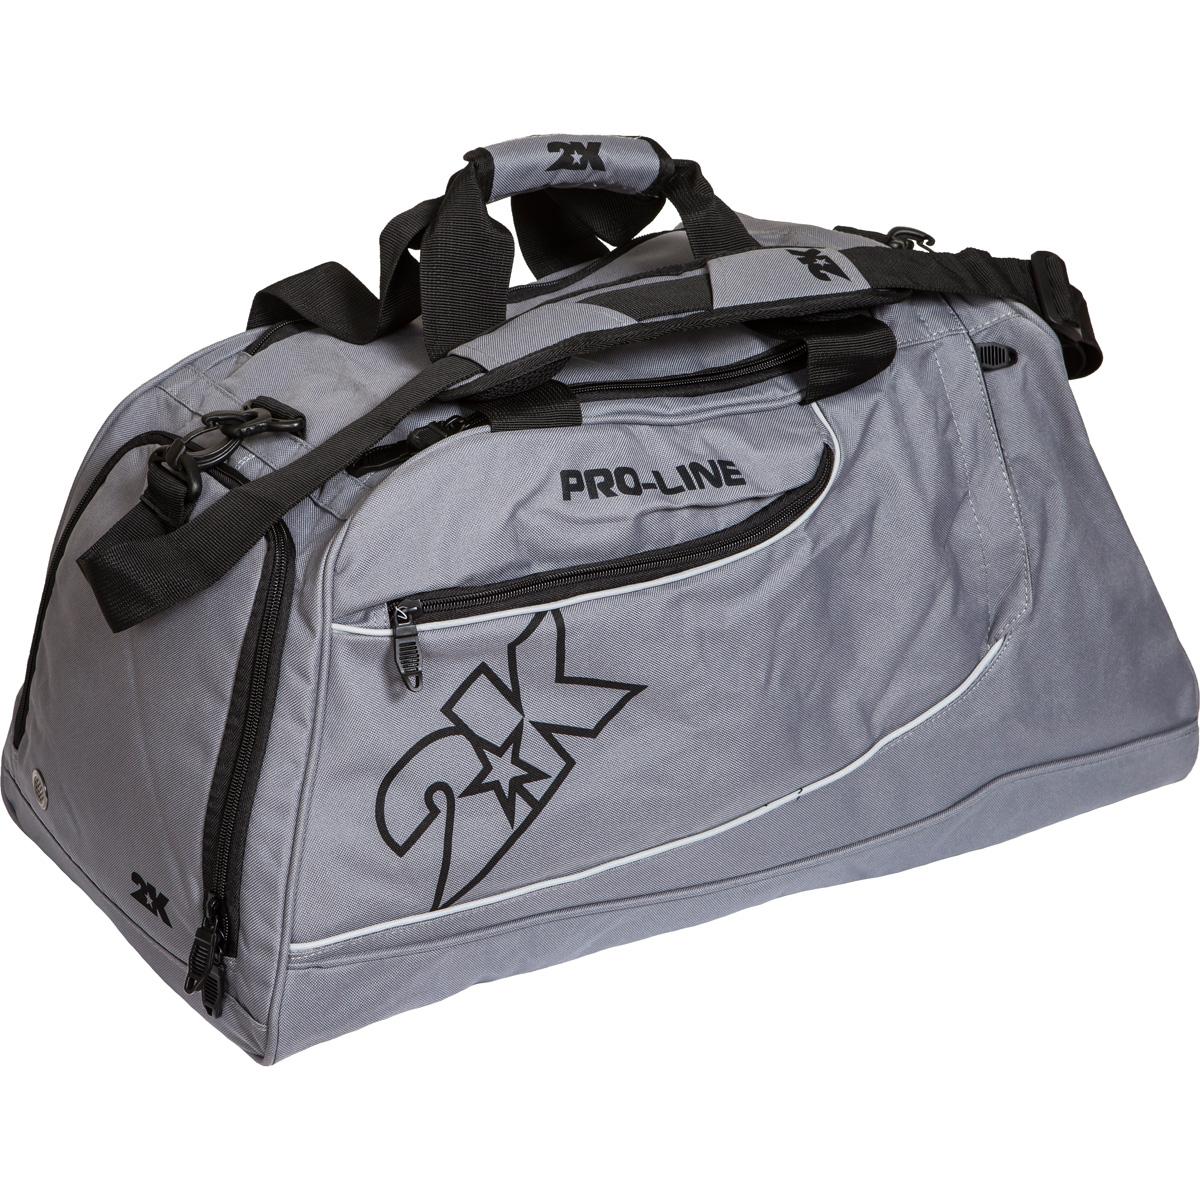 Сумка спортивная 2K Sport Manado, цвет: серый. 128121128121-greyСпортивная сумка 2K Sport Manado очень удобна для занятий спортом. Ее можно переносить в руке и на плече. Имеет 3 внешних кармана на молниях.. Отстегивающийся ремень.Размер: 60 х 30 х 33 см.